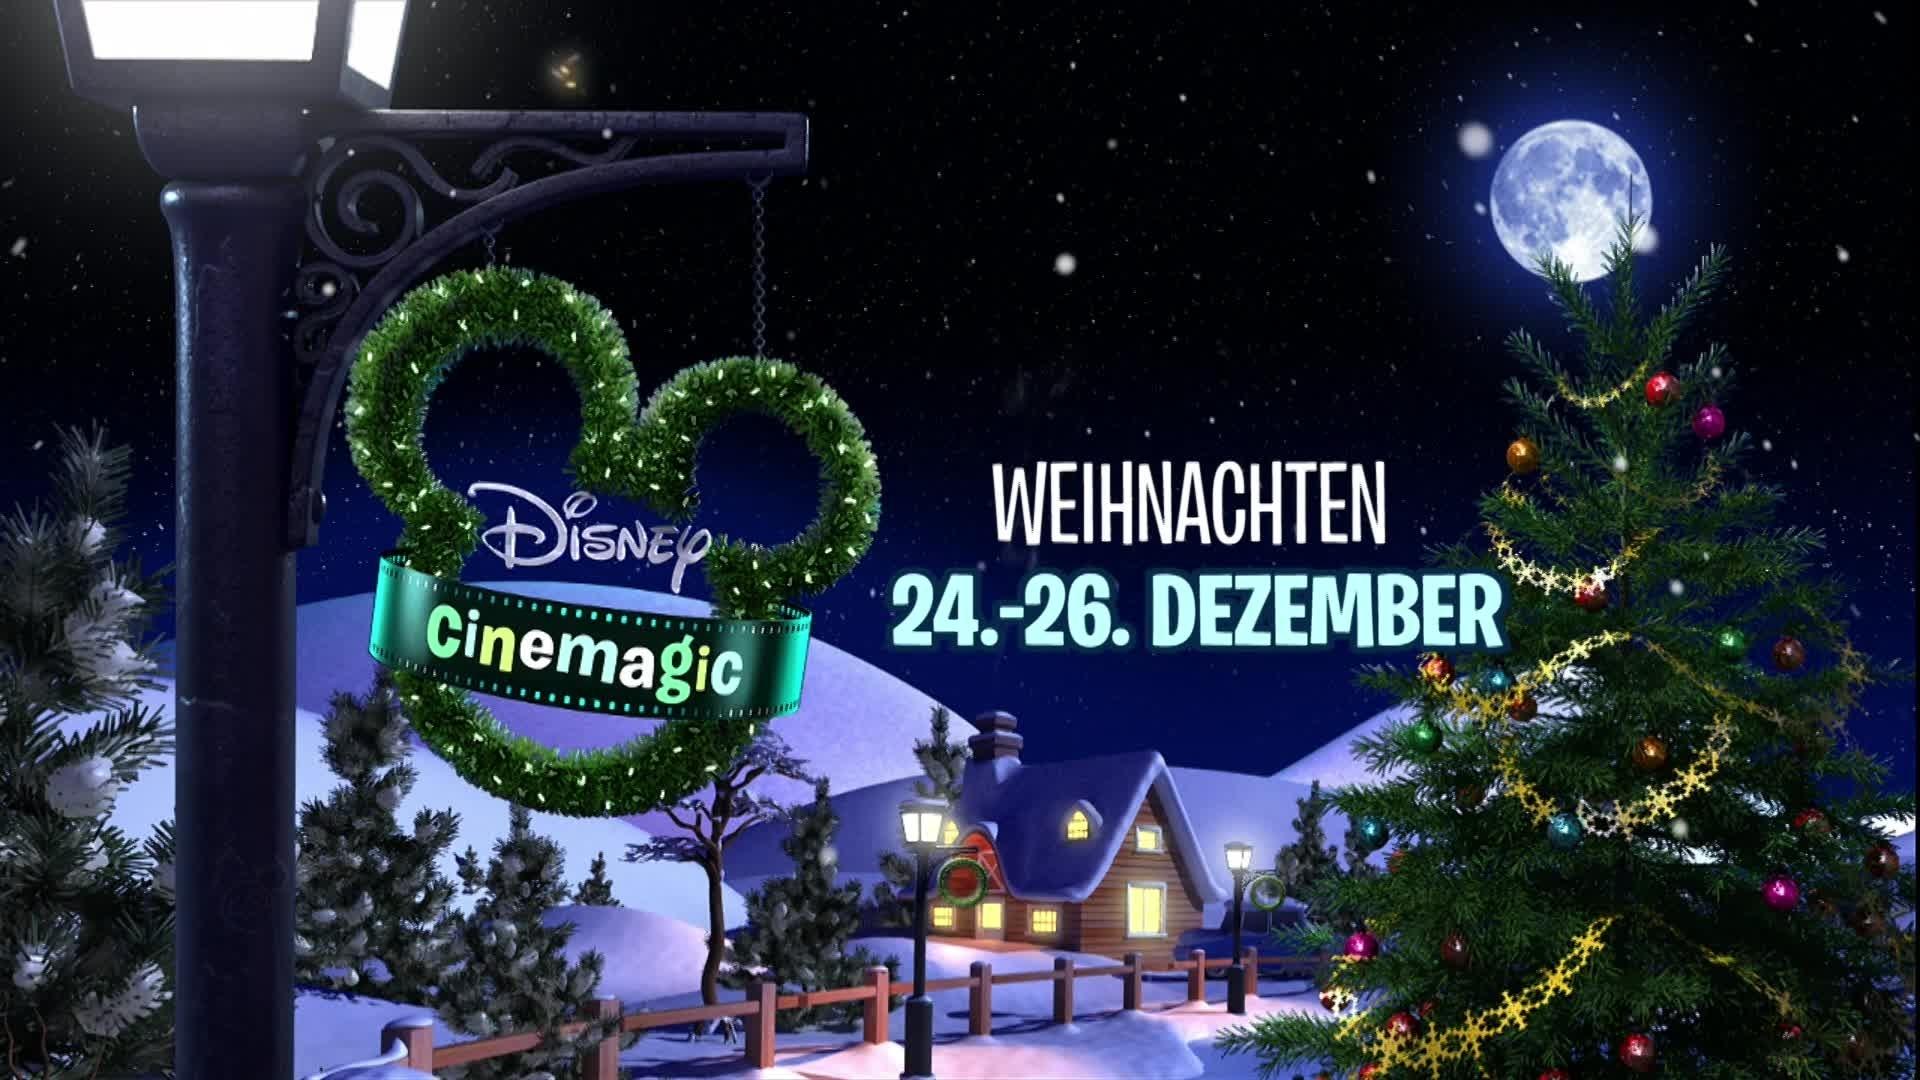 Weihnachten bei Disney Cinemagic